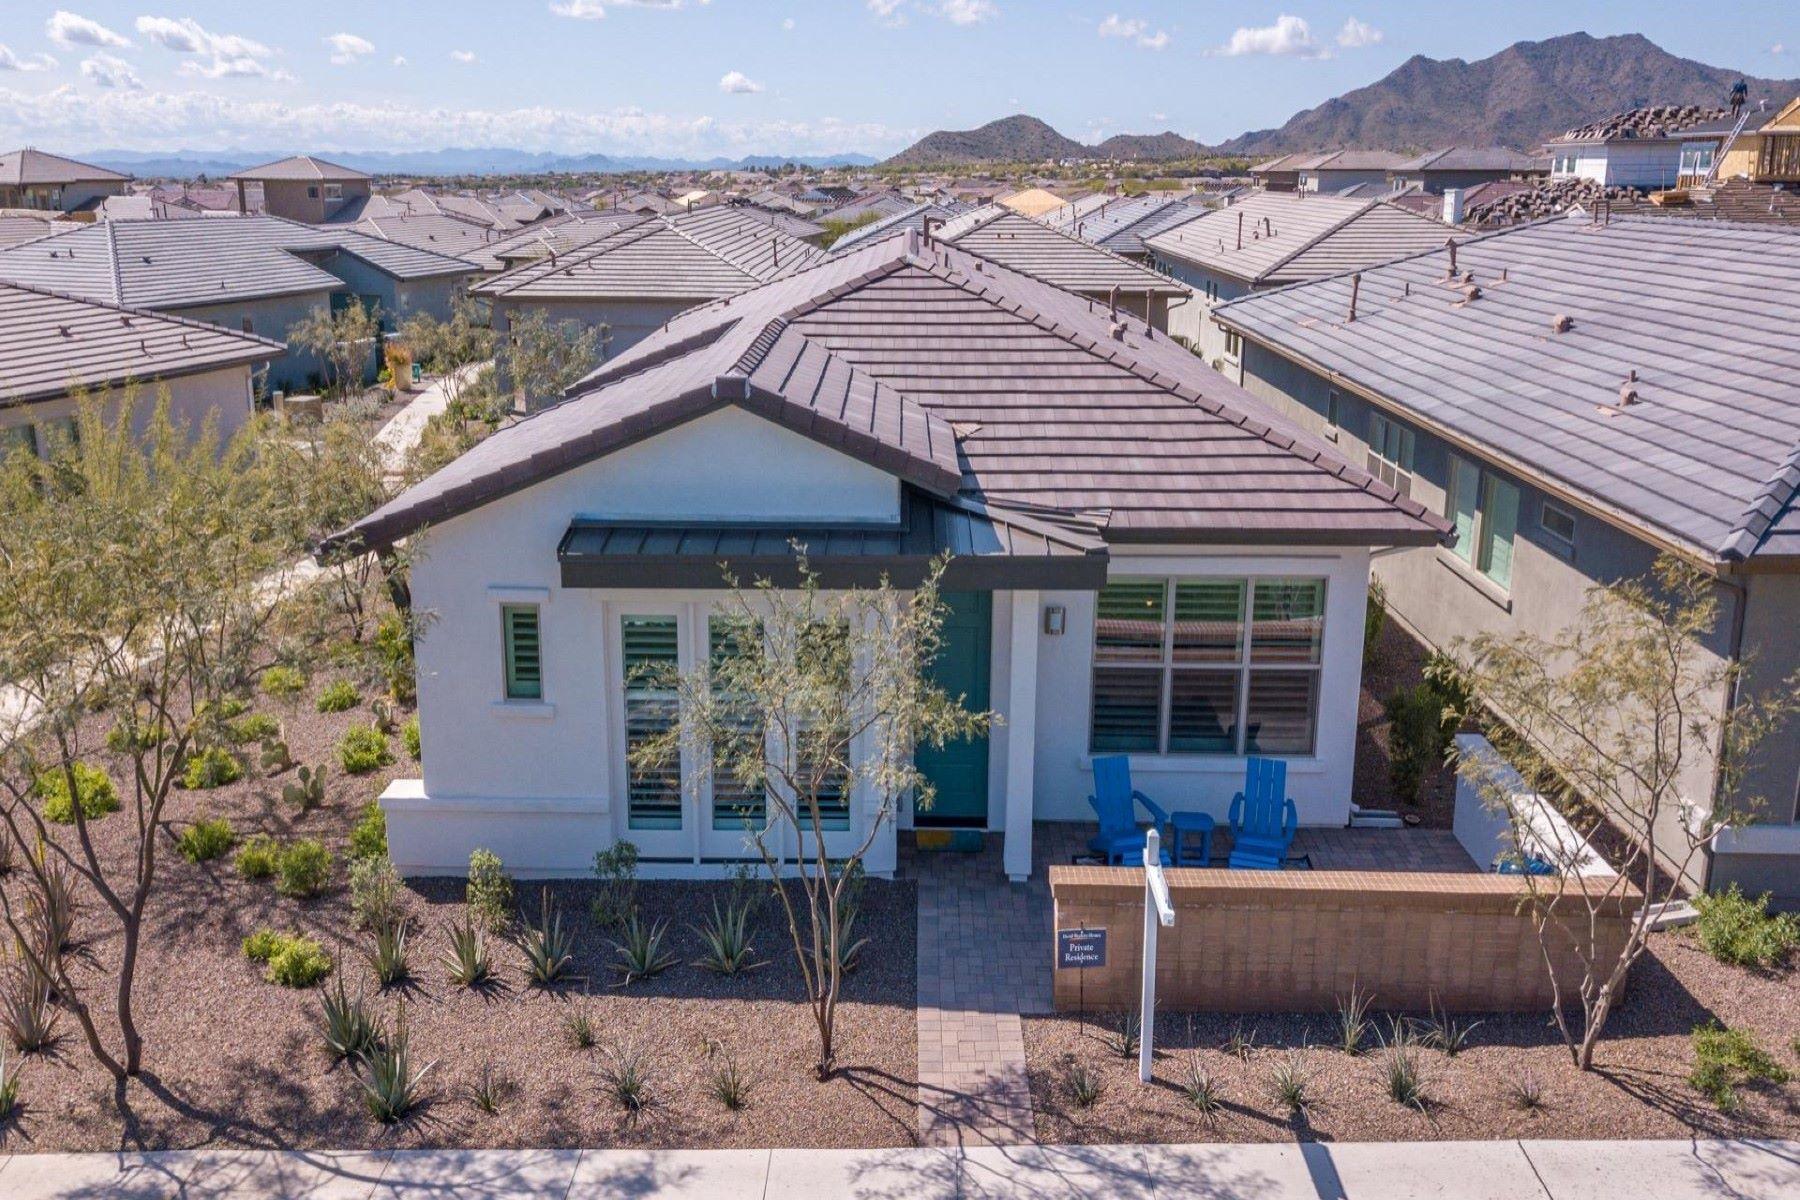 Single Family Homes για την Πώληση στο Mountainside at Victory 20758 W FERN DR, Buckeye, Αριζονα 85396 Ηνωμένες Πολιτείες